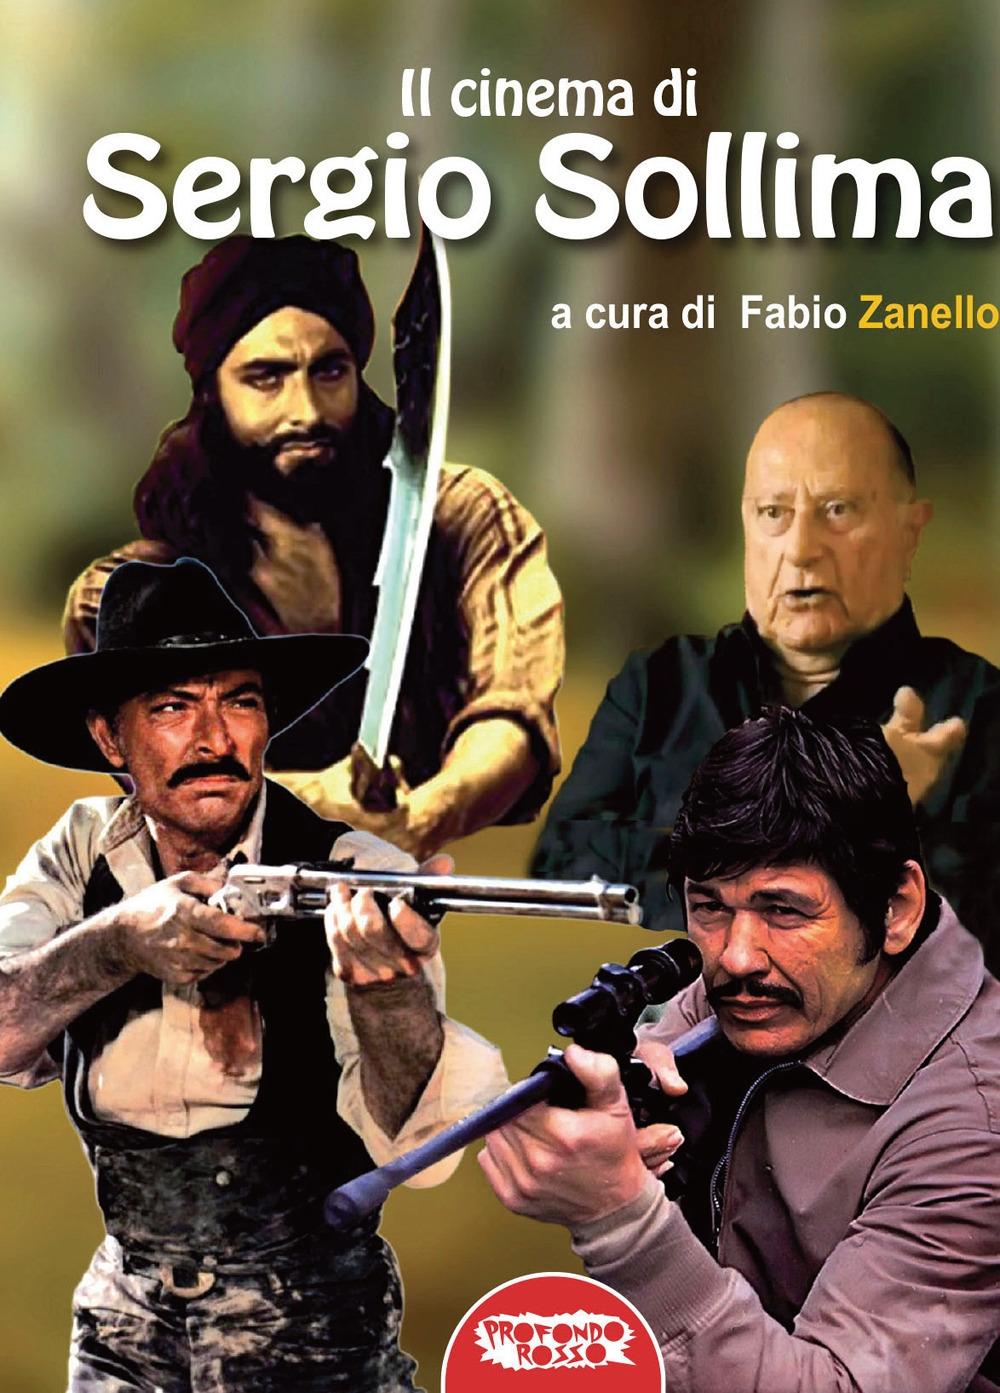 Il Cinema di Sergio Sollima